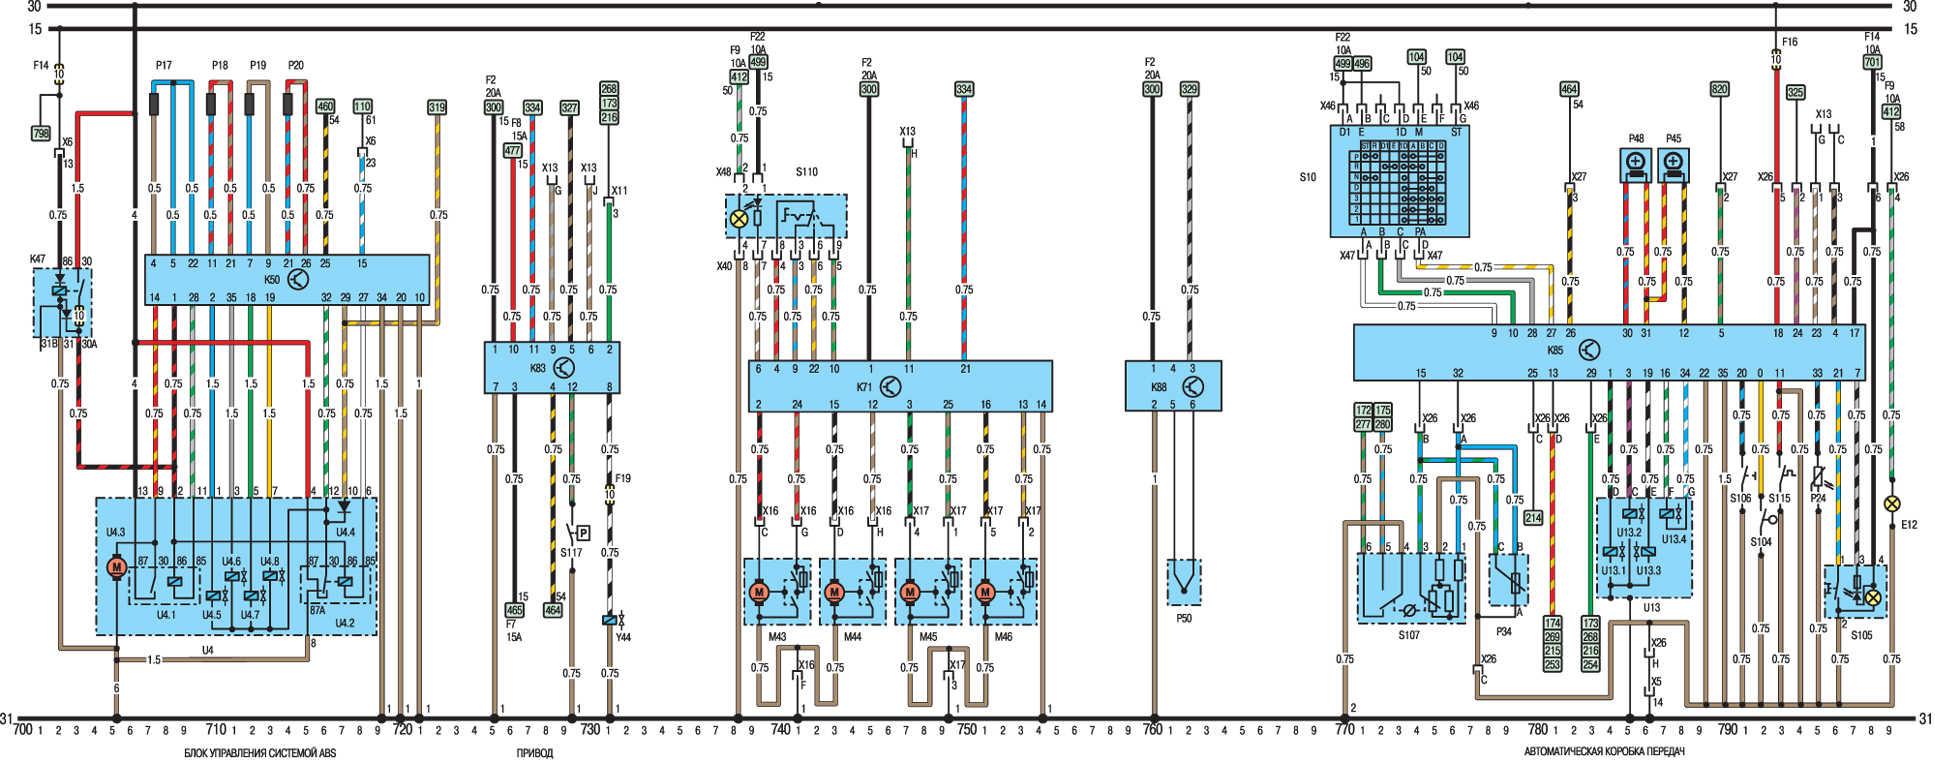 """ЭЛЕКТРООБОРУДОВАНИЕ.   """"18.64.2. Электрическая схема моделей с 1989 года.  18. Электрическое оборудование кузова."""